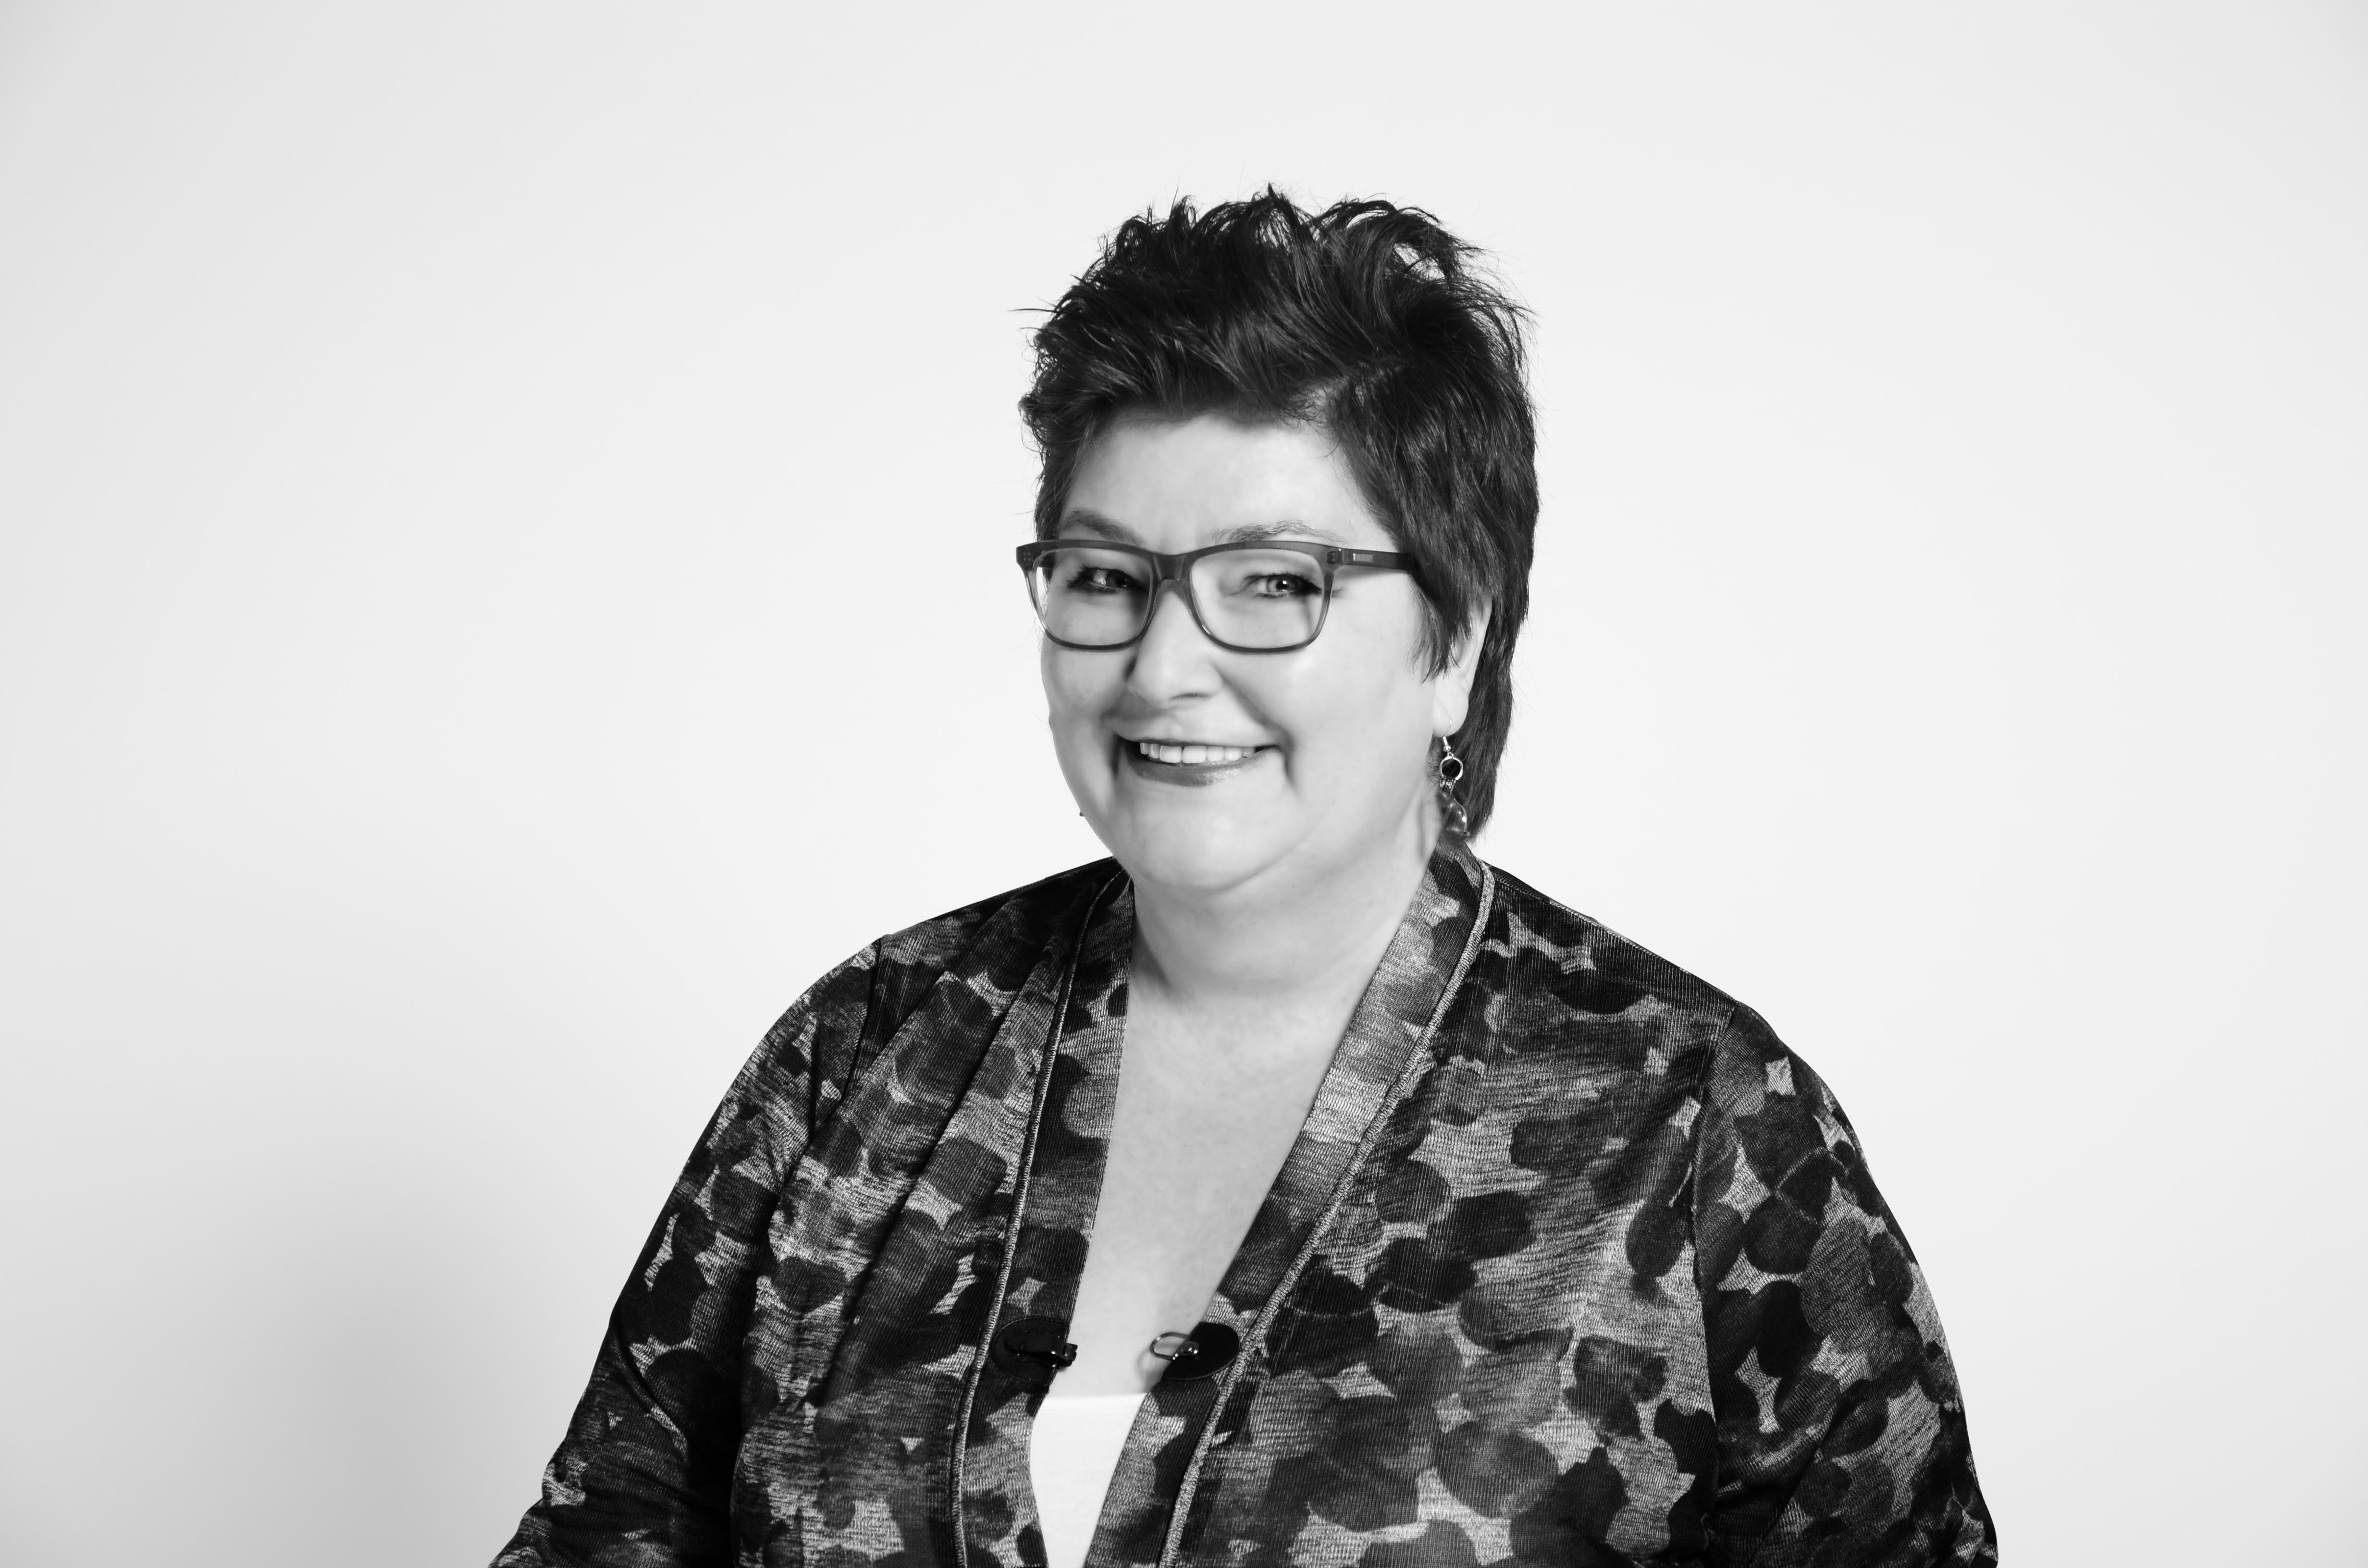 Gabi Meyer